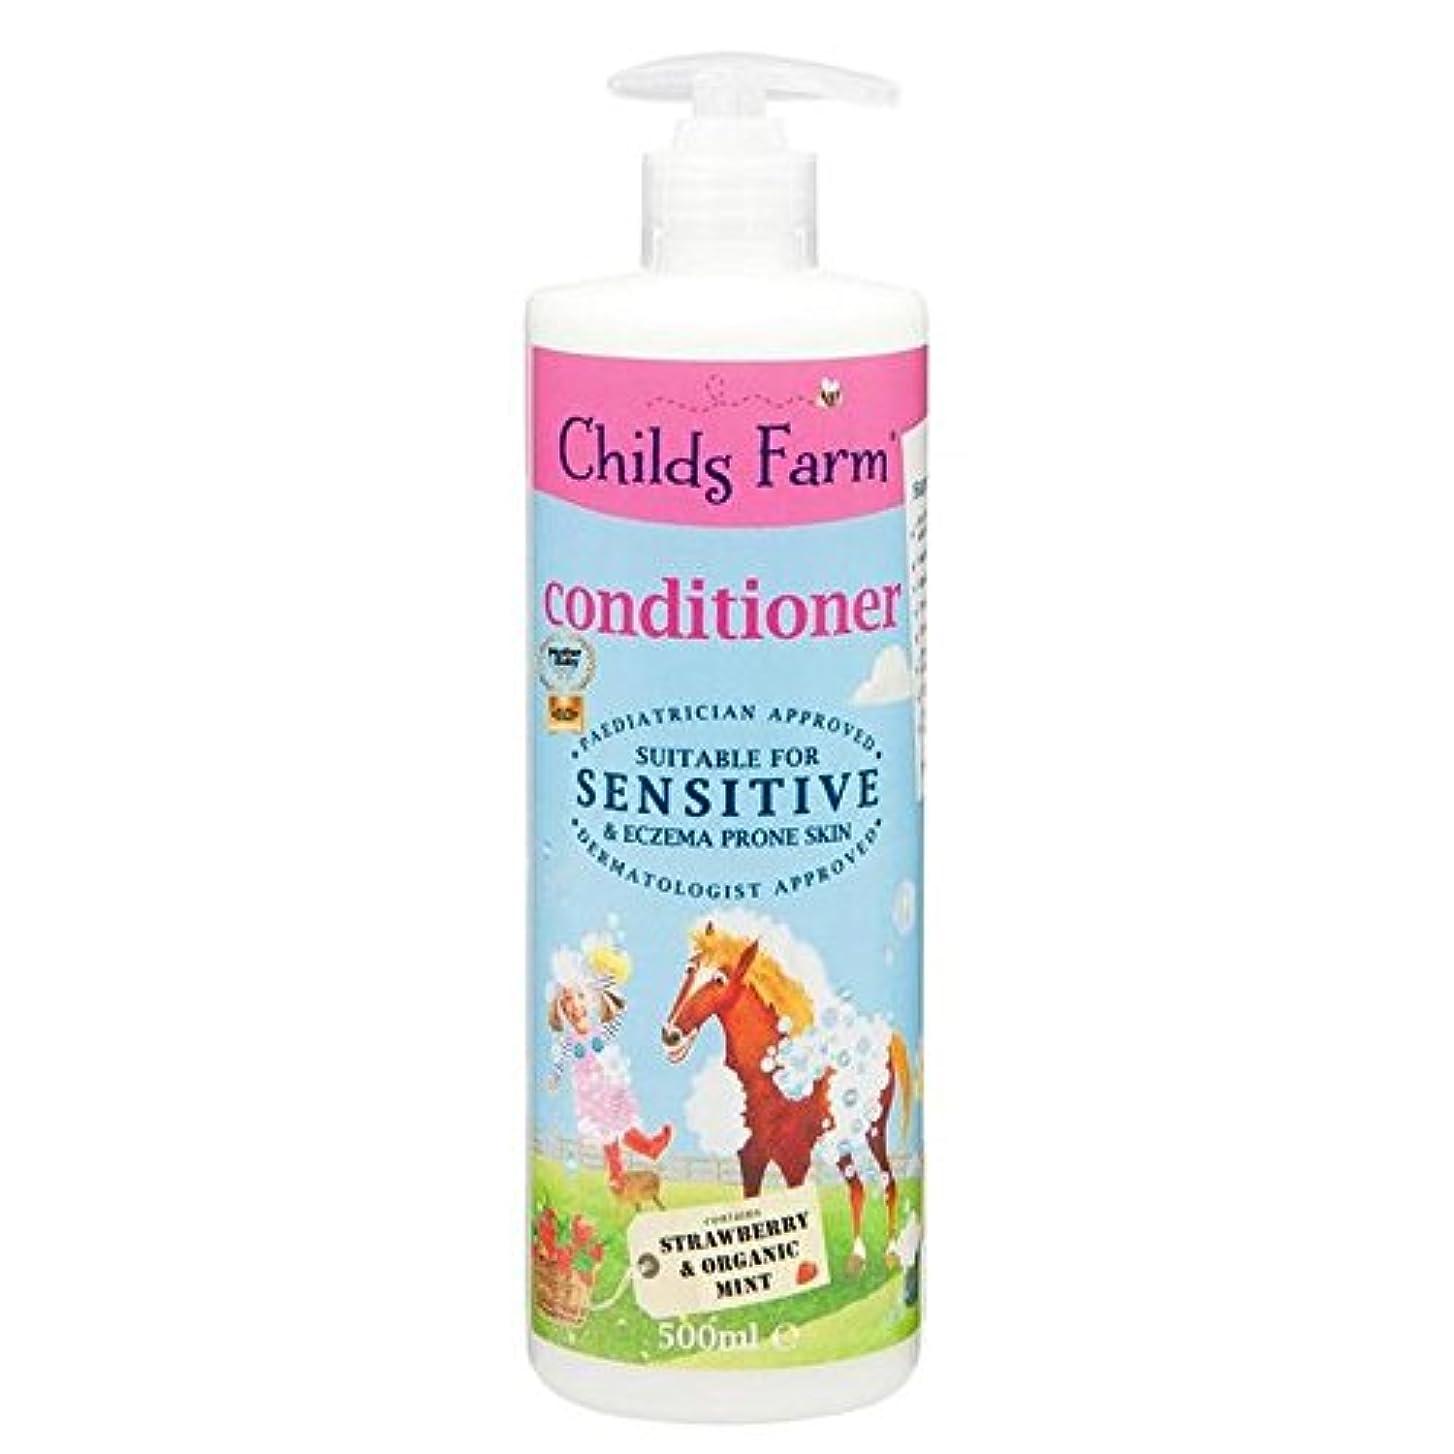 太陽縁記念Childs Farm Conditioner for Unruly Hair 500ml - 手に負えない髪の500ミリリットルのためのチャイルズファームコンディショナー [並行輸入品]